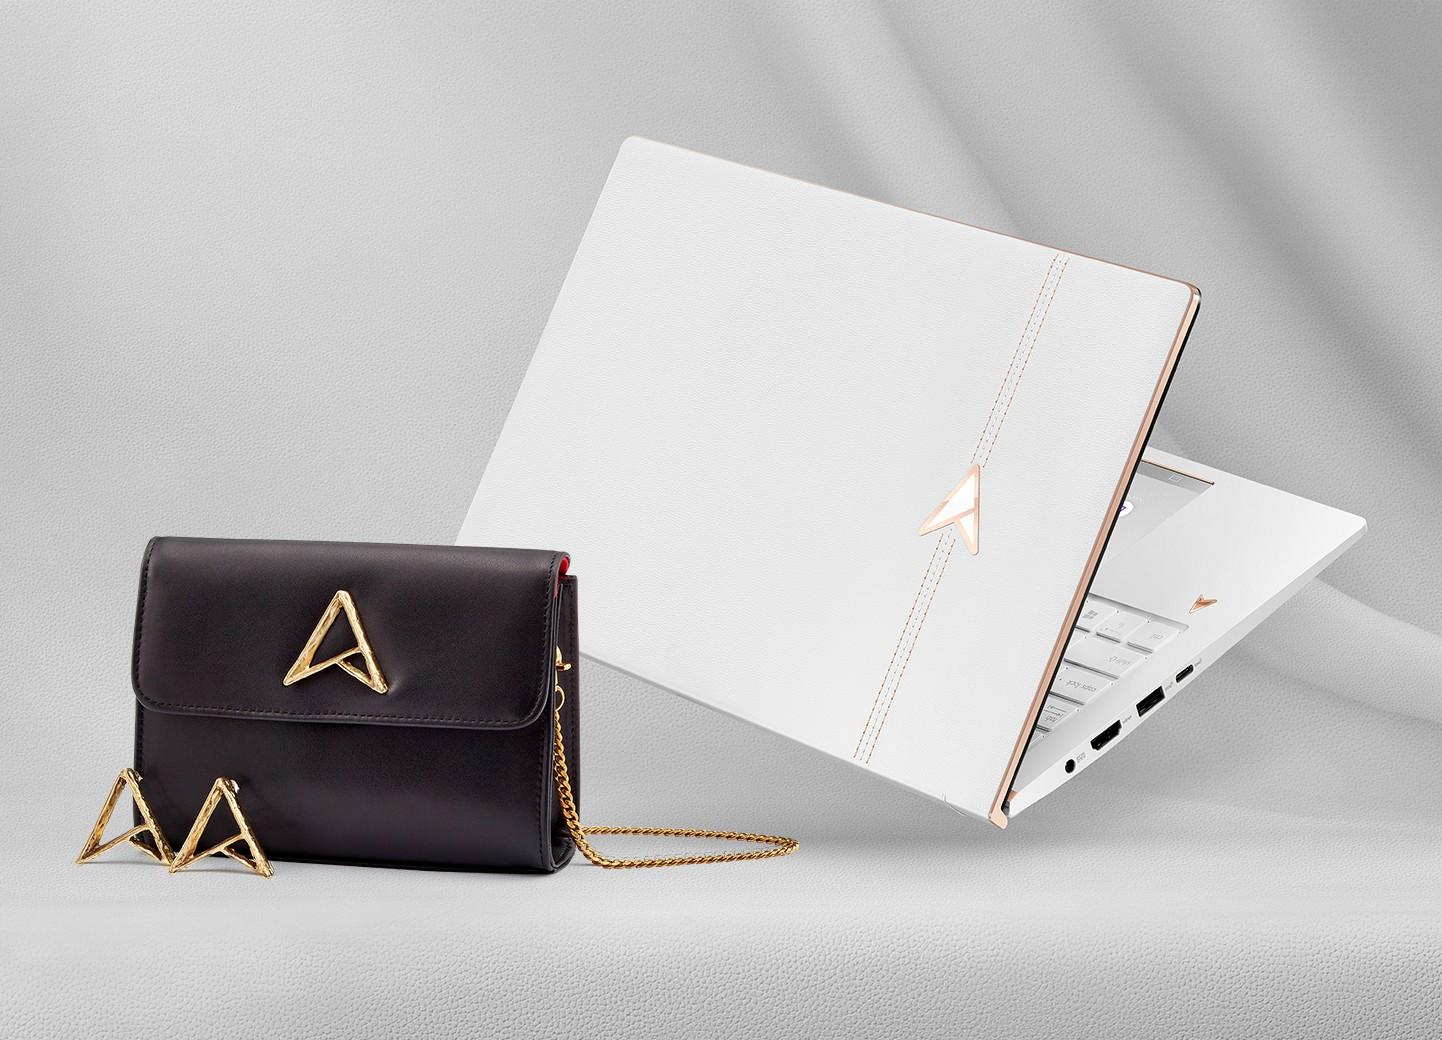 30周年限定版「ASUS ZenBook Edition 30」贈服裝設計師Jenn Lee 聯名限量30周年紀念鍊帶包與耳環。